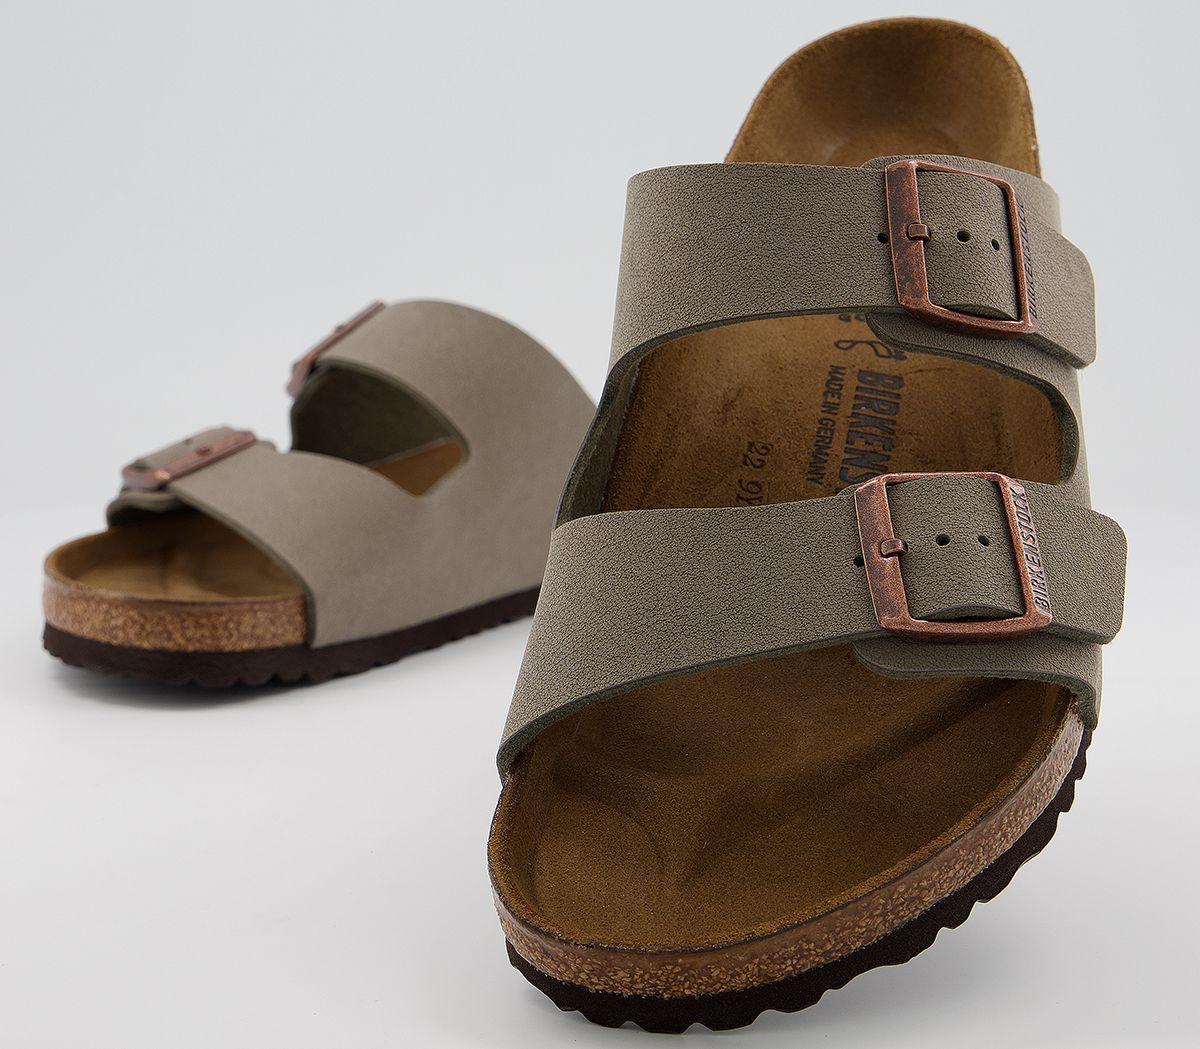 miglior sito web 1d3bf 4341a Dettagli su Uomo Birkenstock Arizona Due Sandali con Cinturino Pietra  Sandali